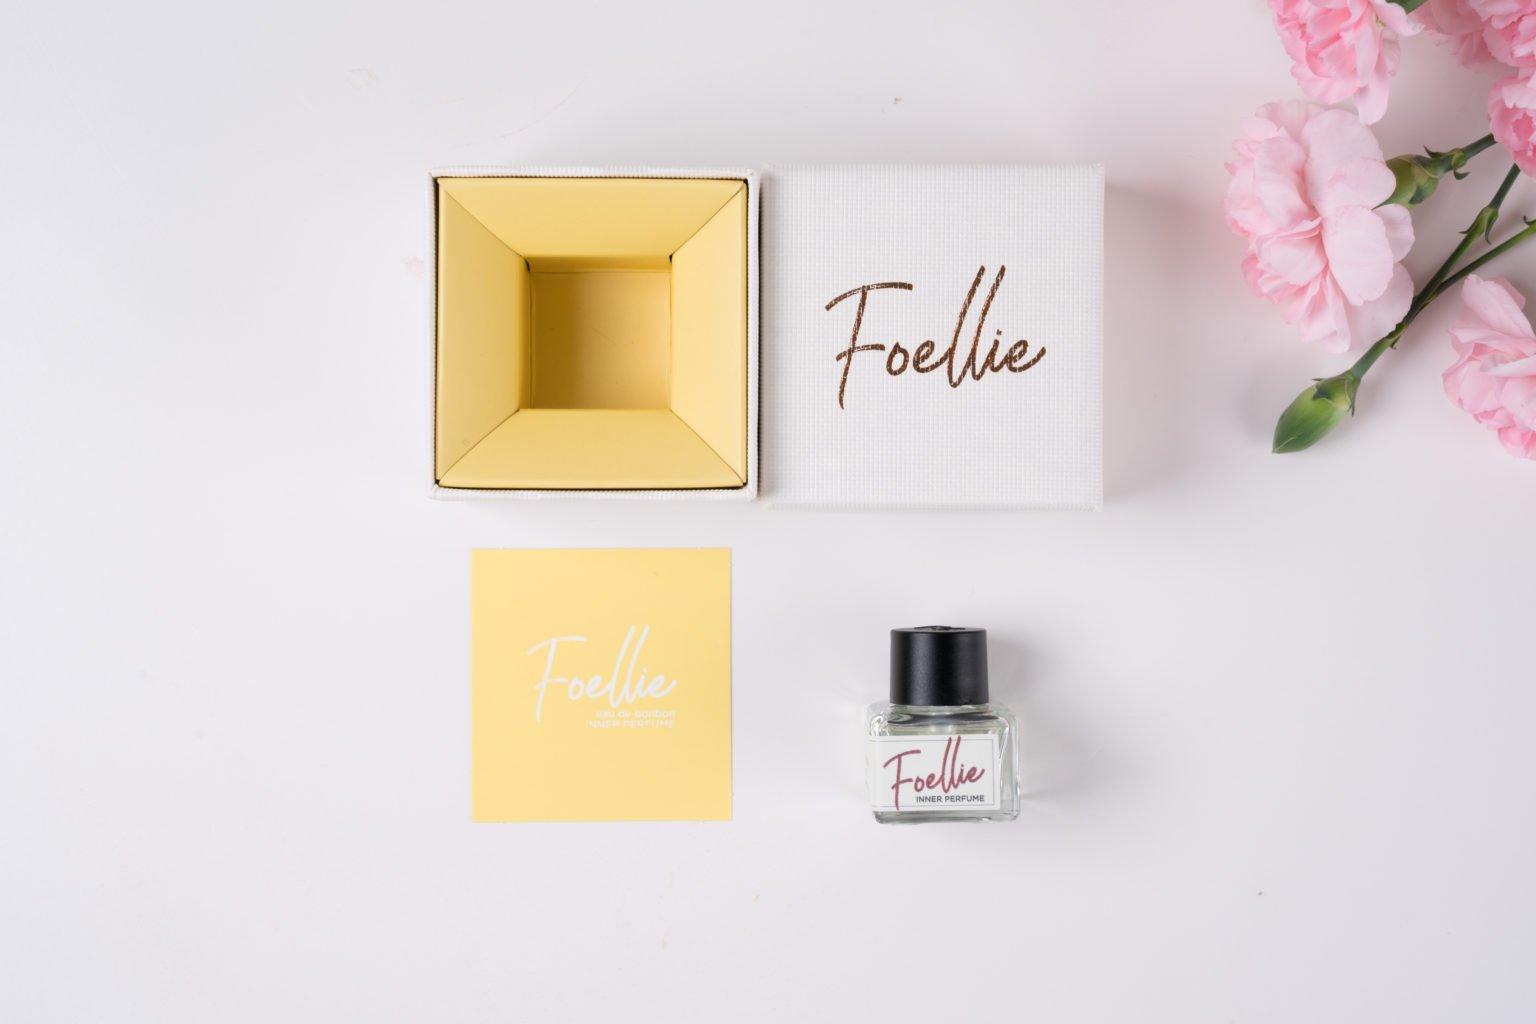 Nước hoa vùng kín Foellie Eau de Innerb trắng (Ảnh Internet)